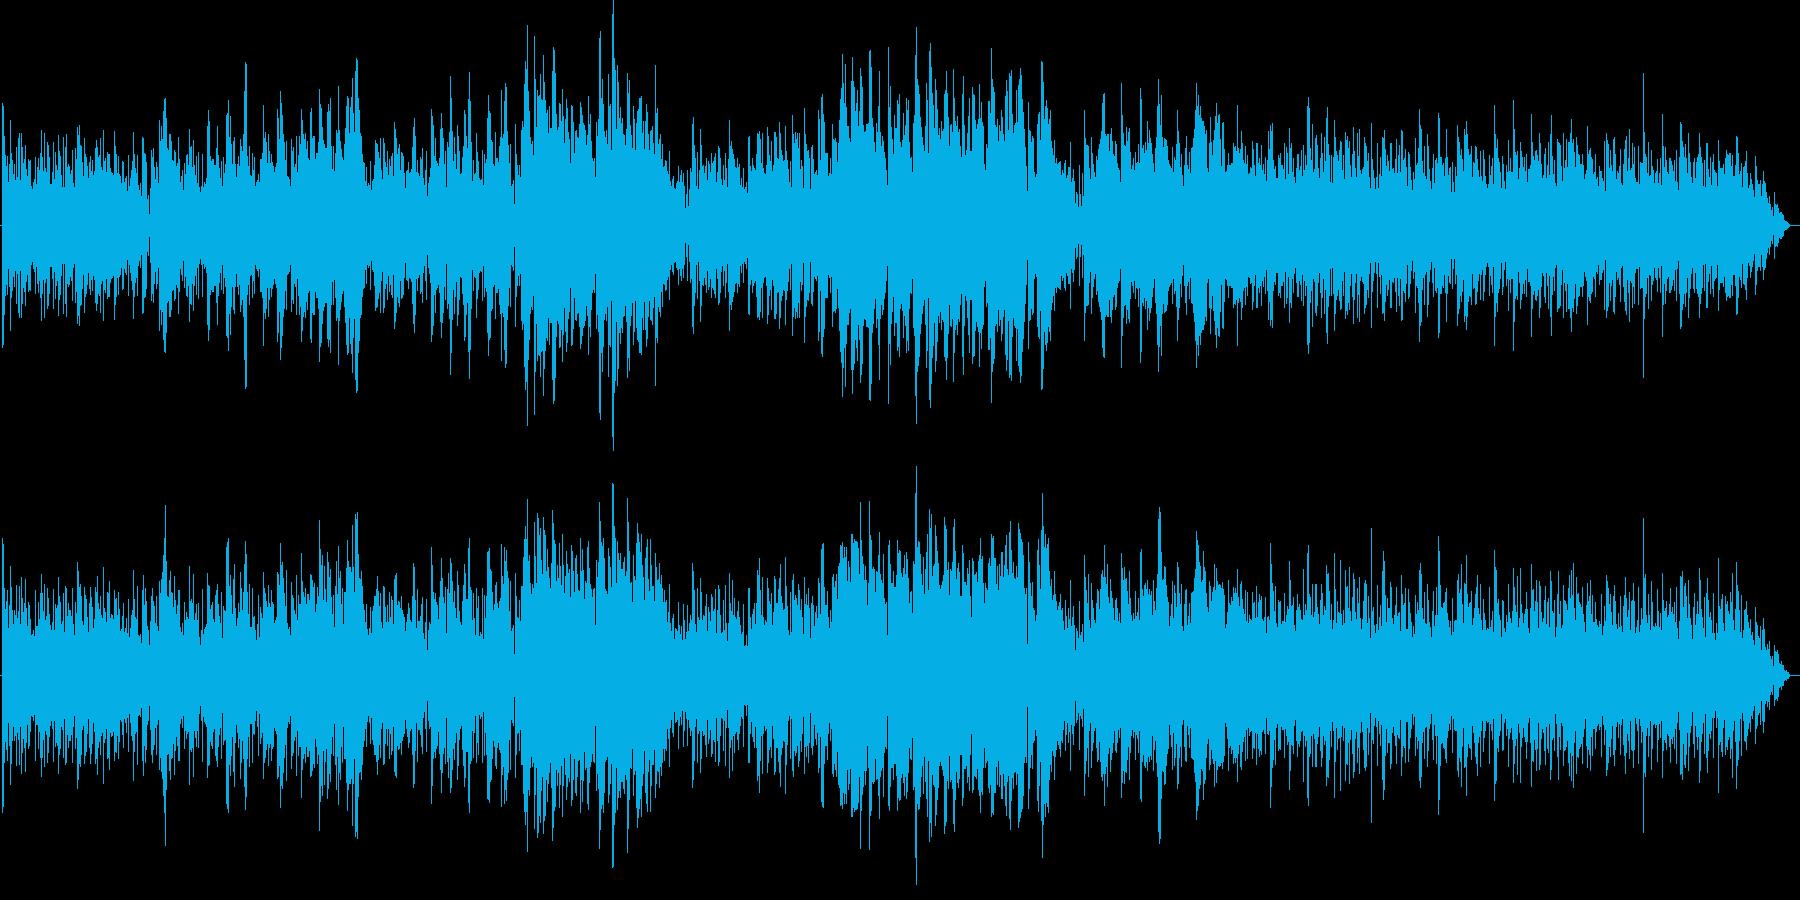 エレクトリックでジャッジーなバラードの再生済みの波形